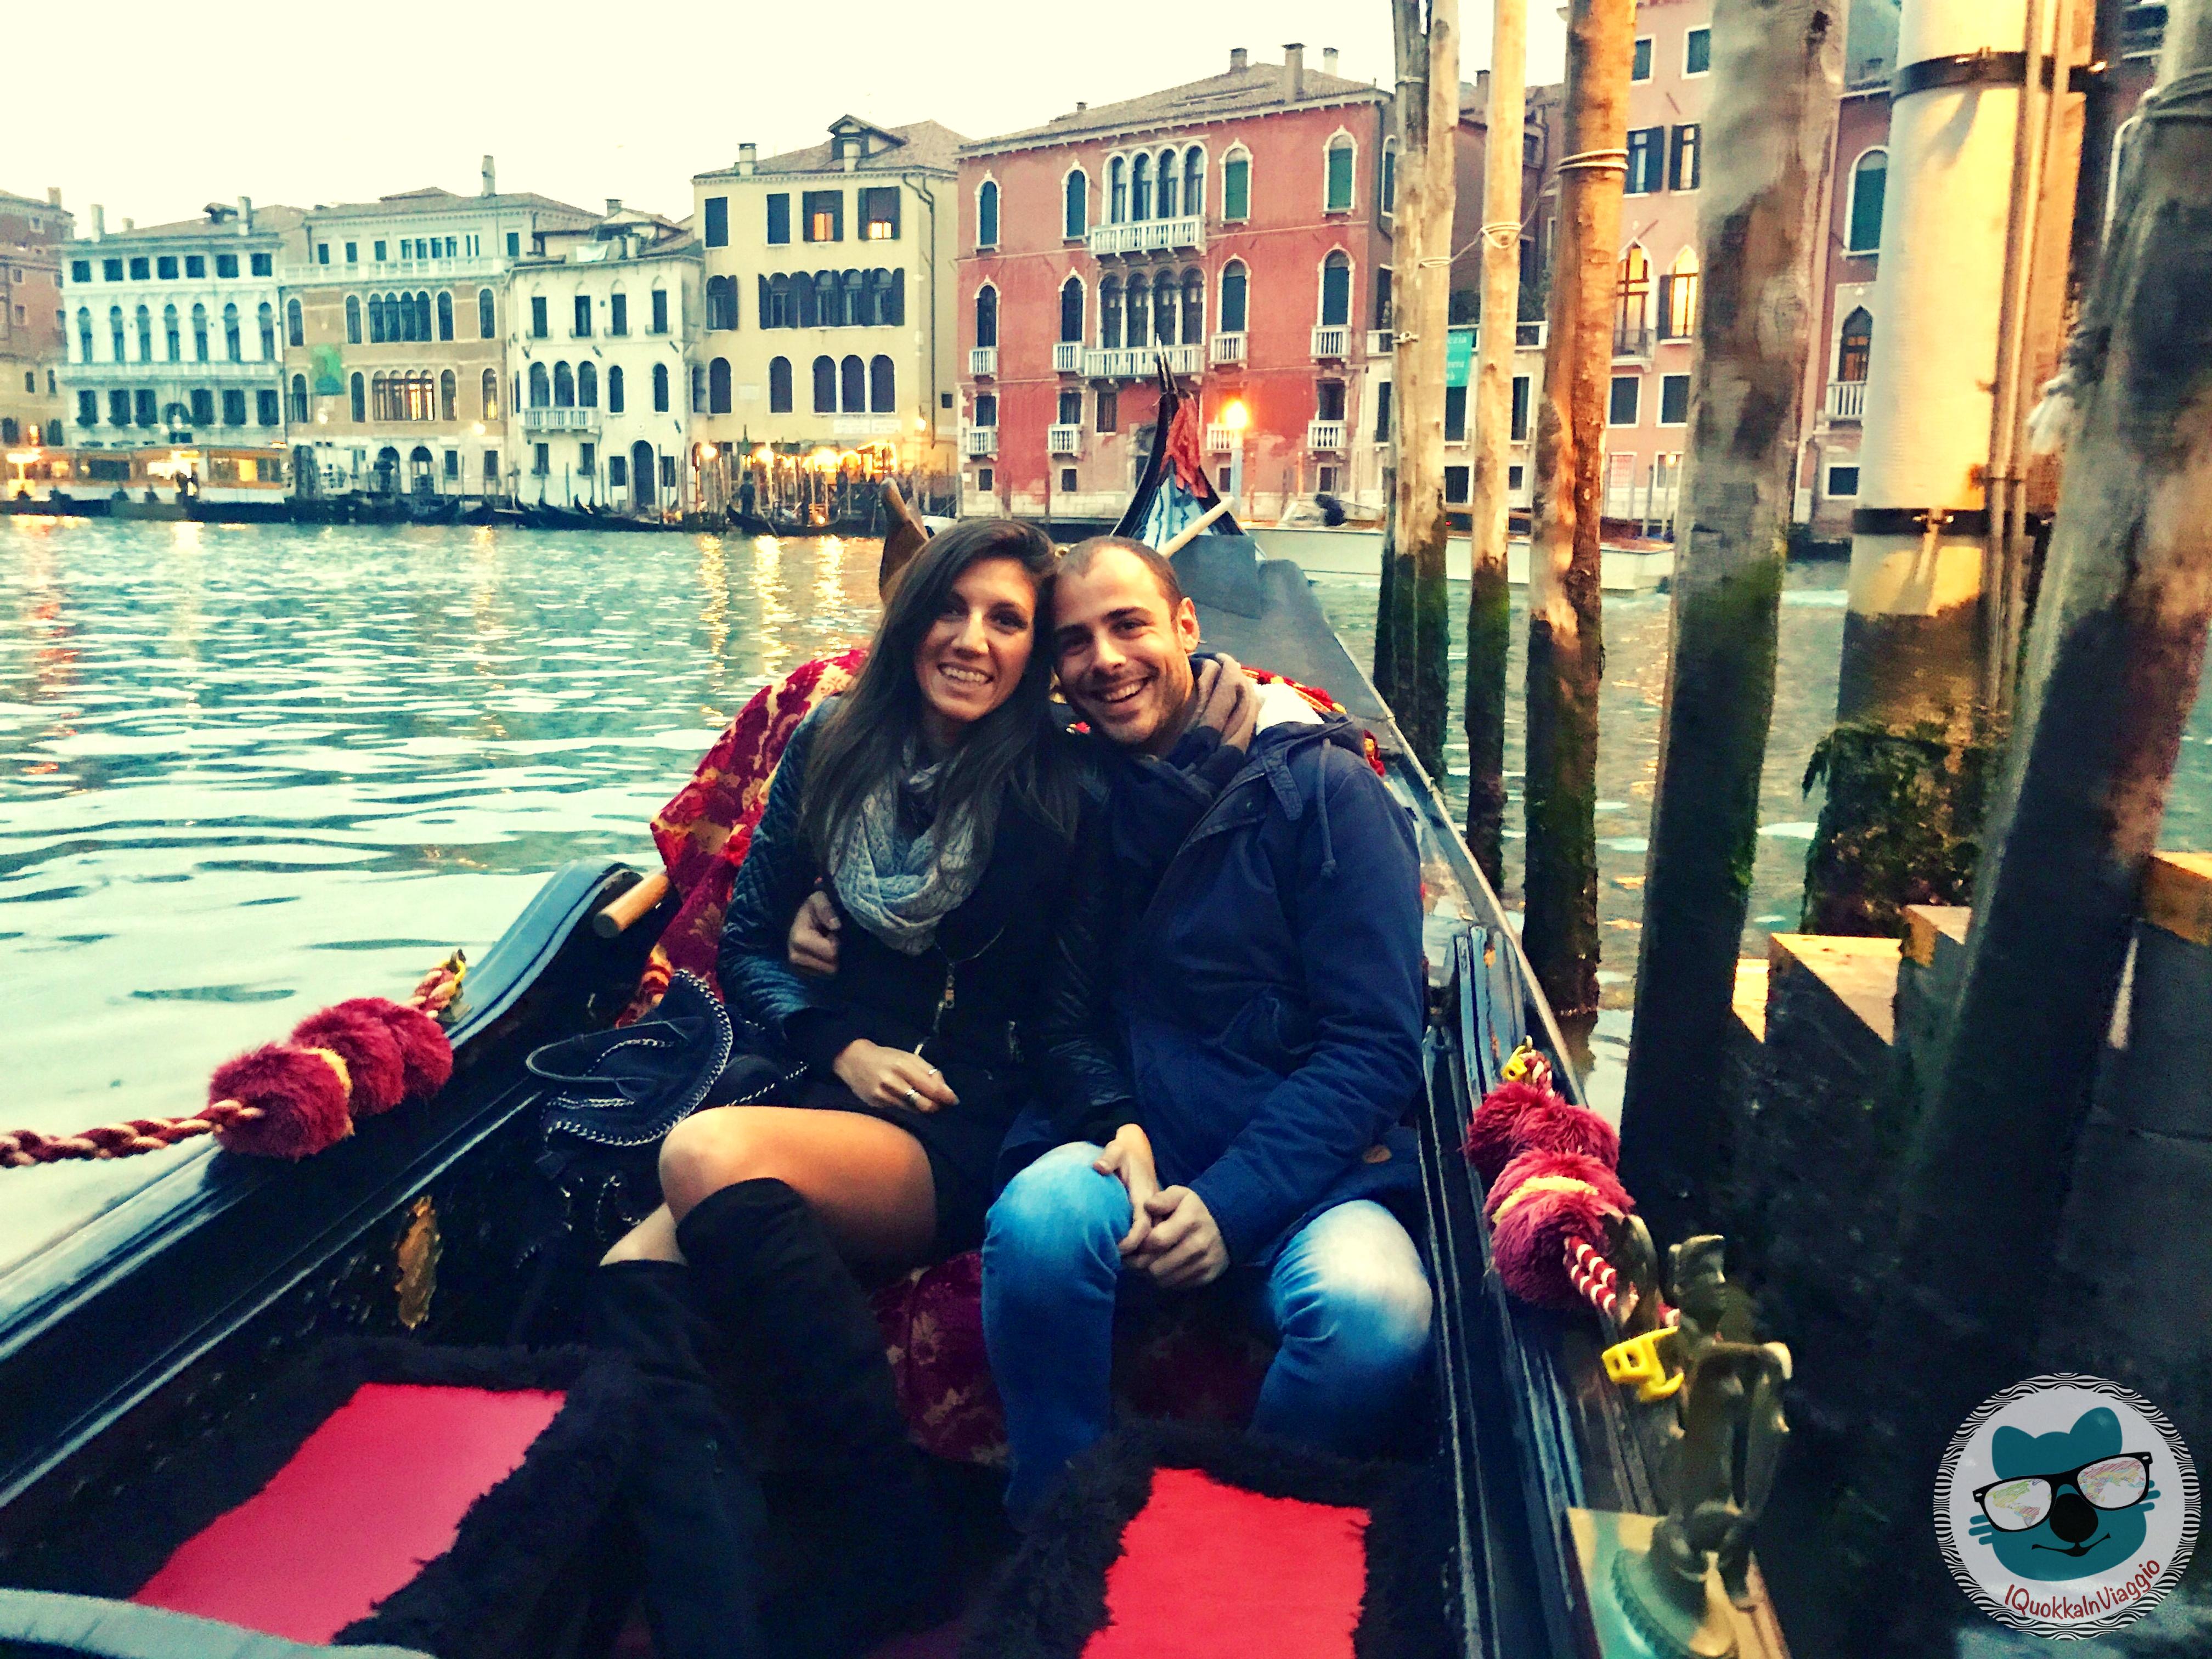 Venezia - I Quokka In Gondola